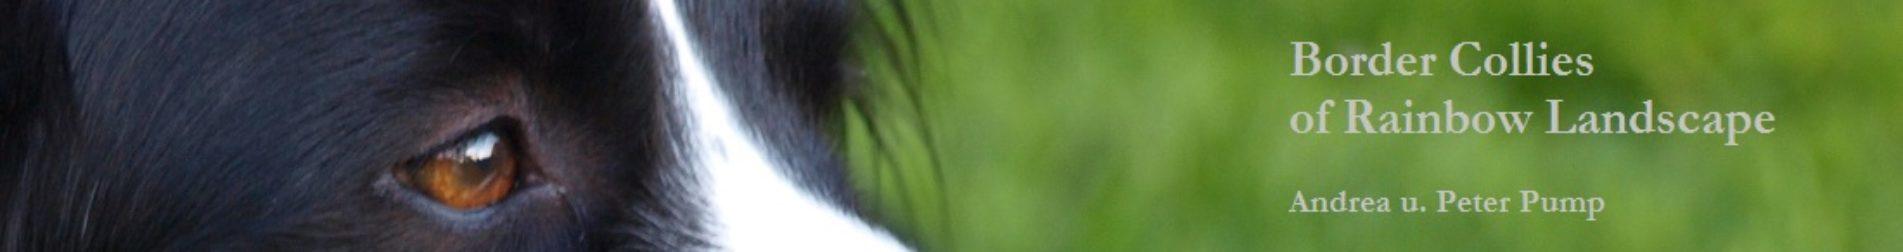 cropped-nele-2.jpg